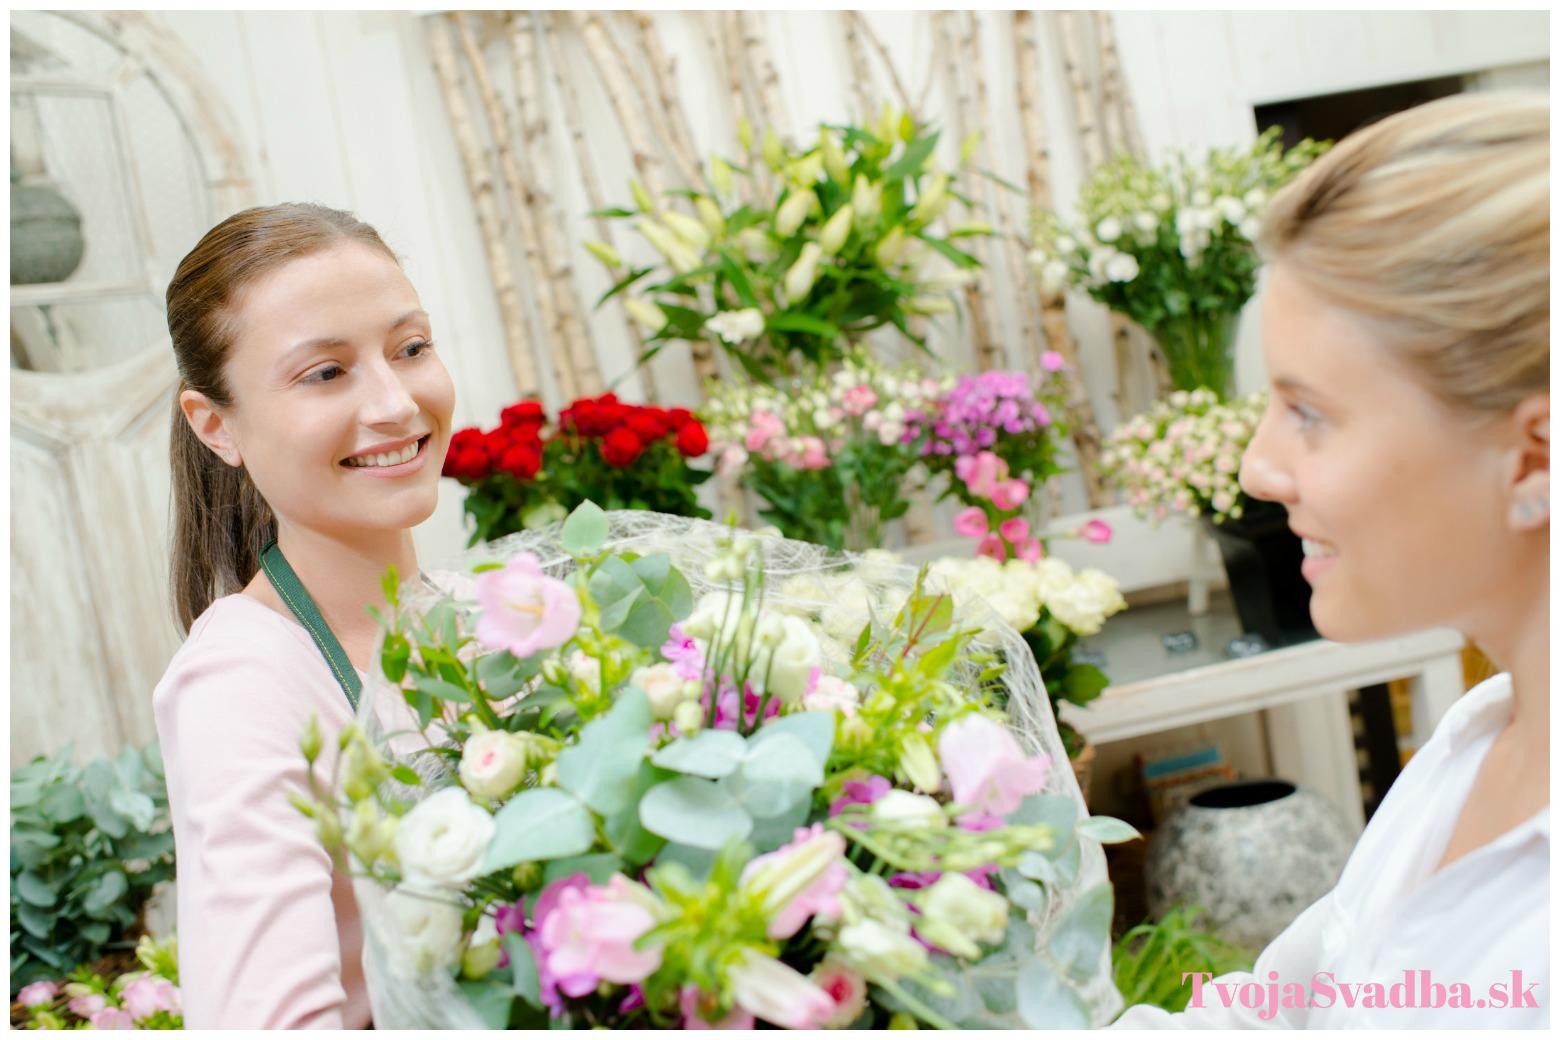 f8a5b353565f Ako správne objednať kvety na svadbu  Drž sa týchto zásad ...